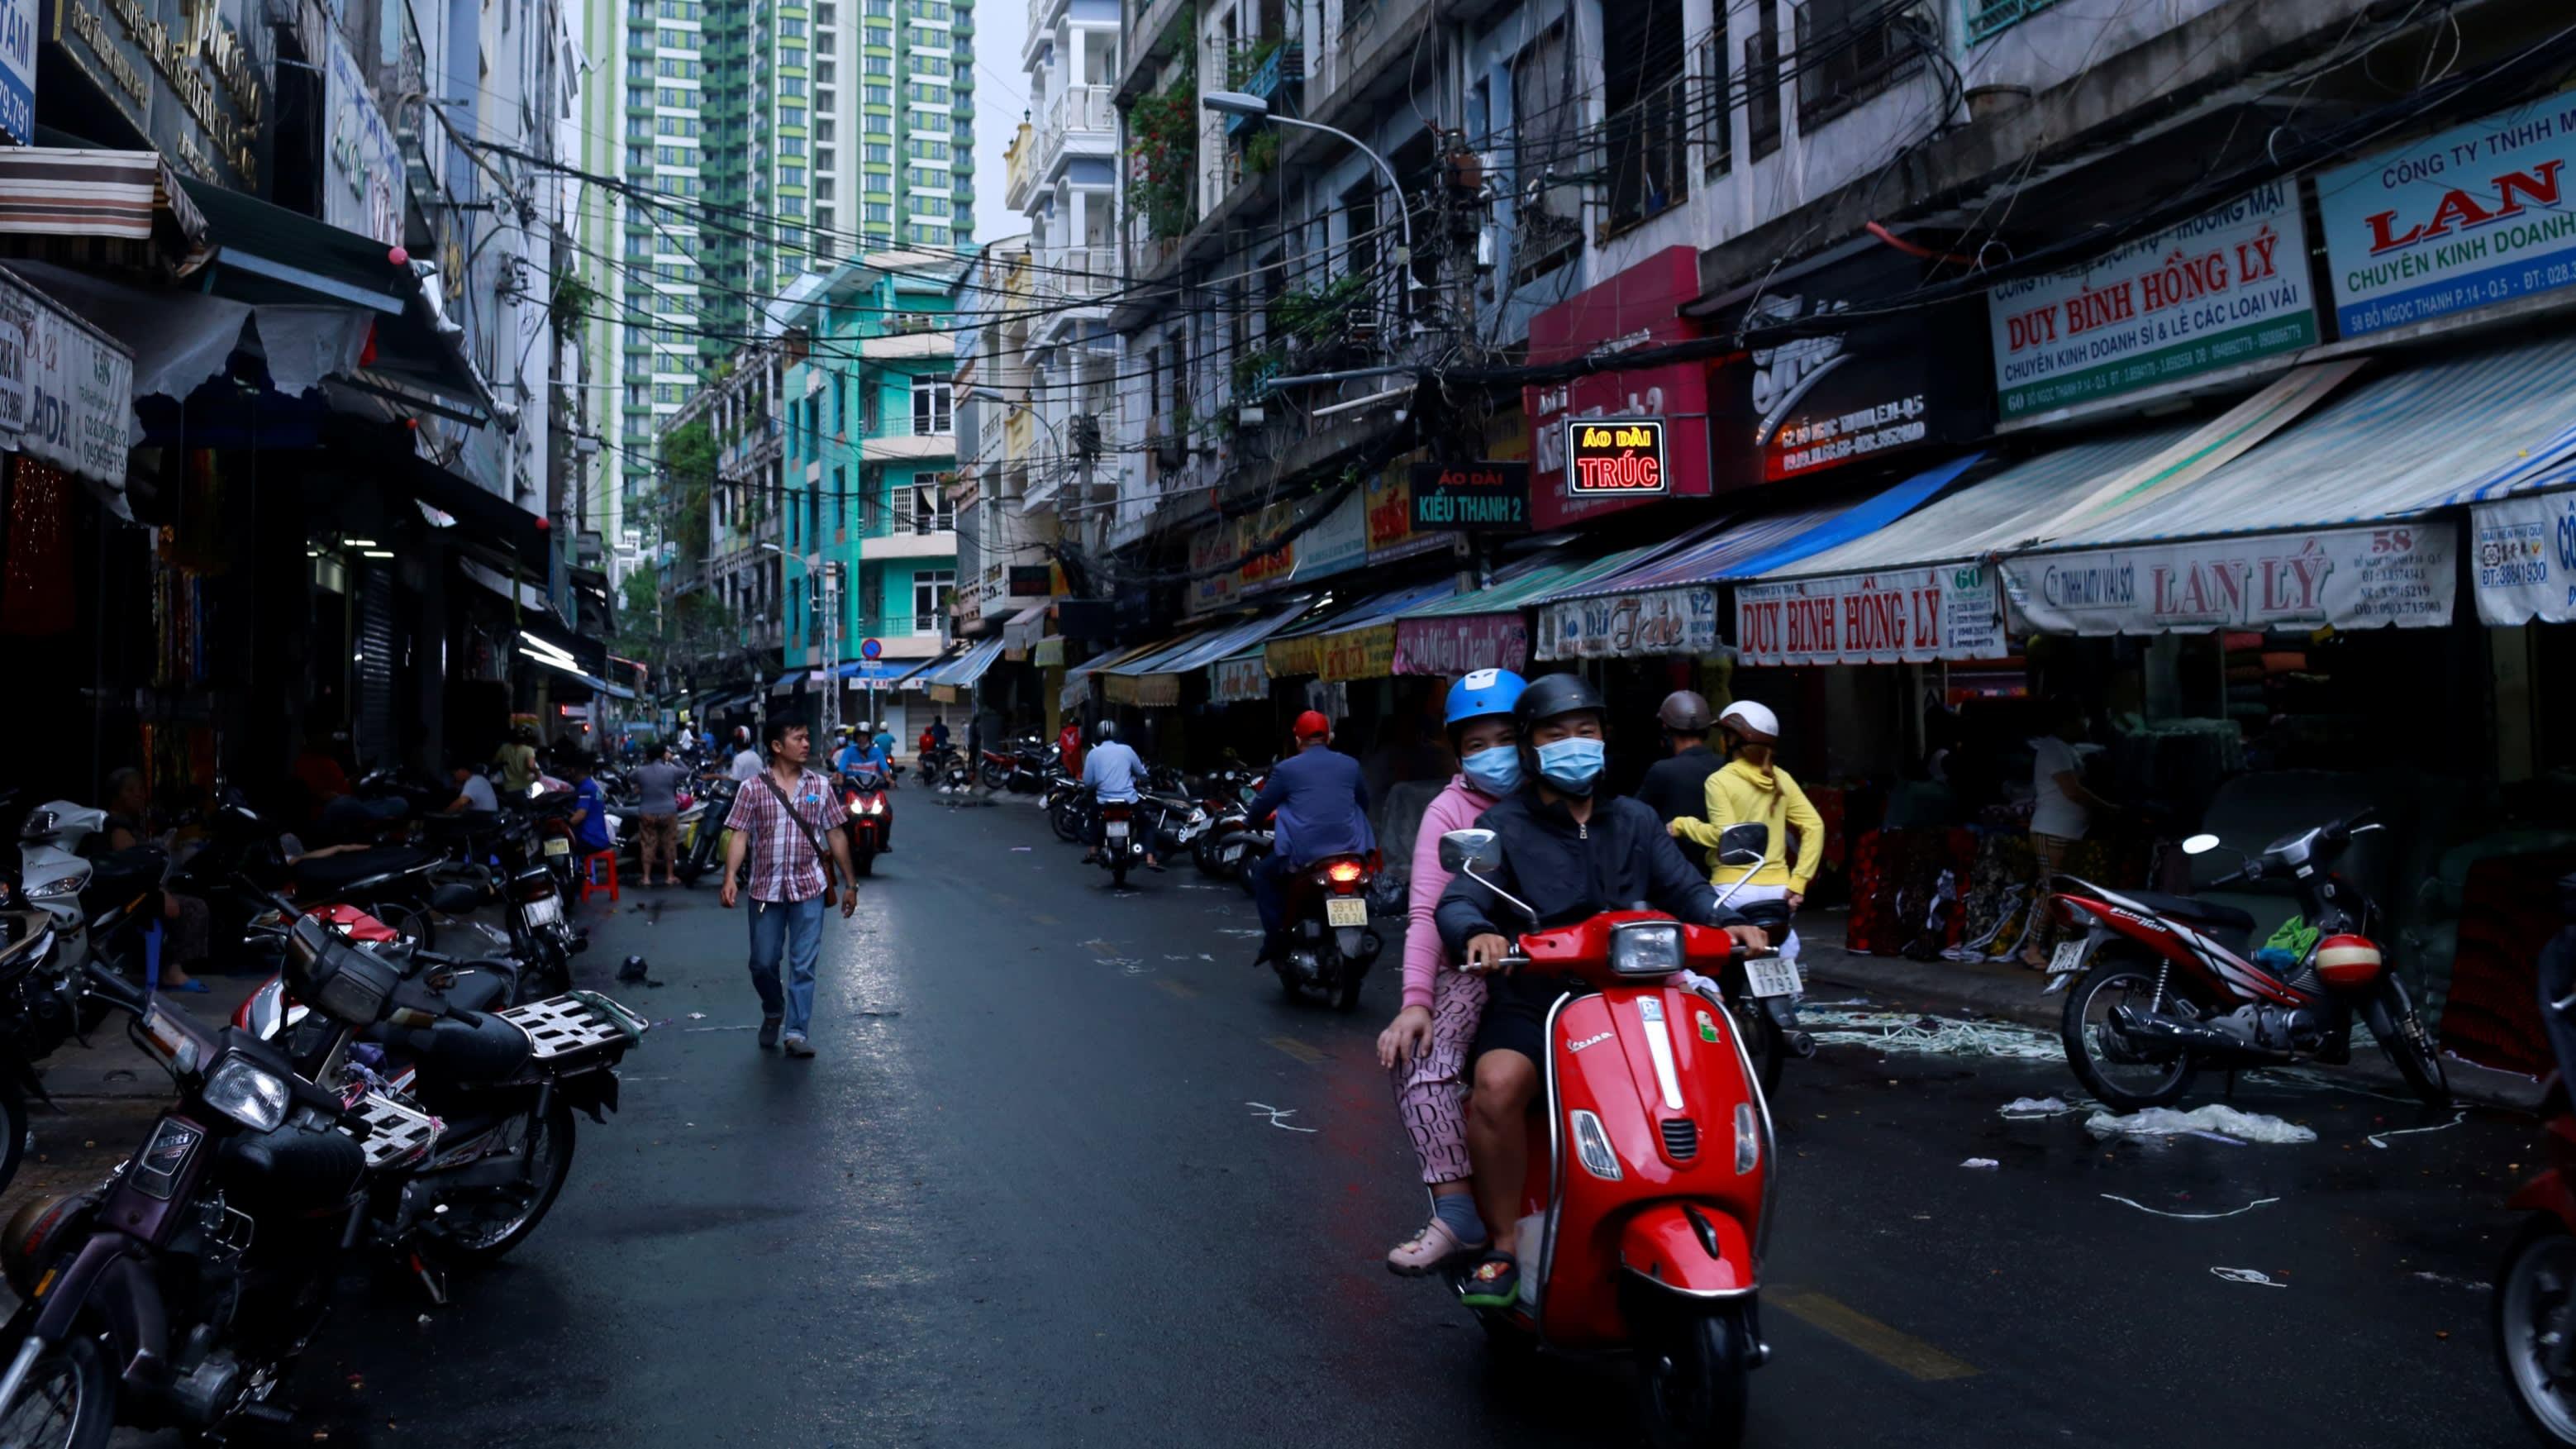 Niềm tin người tiêu dùng Việt Nam giảm mạnh nhất trong 20 năm trở lại - Ảnh 1.